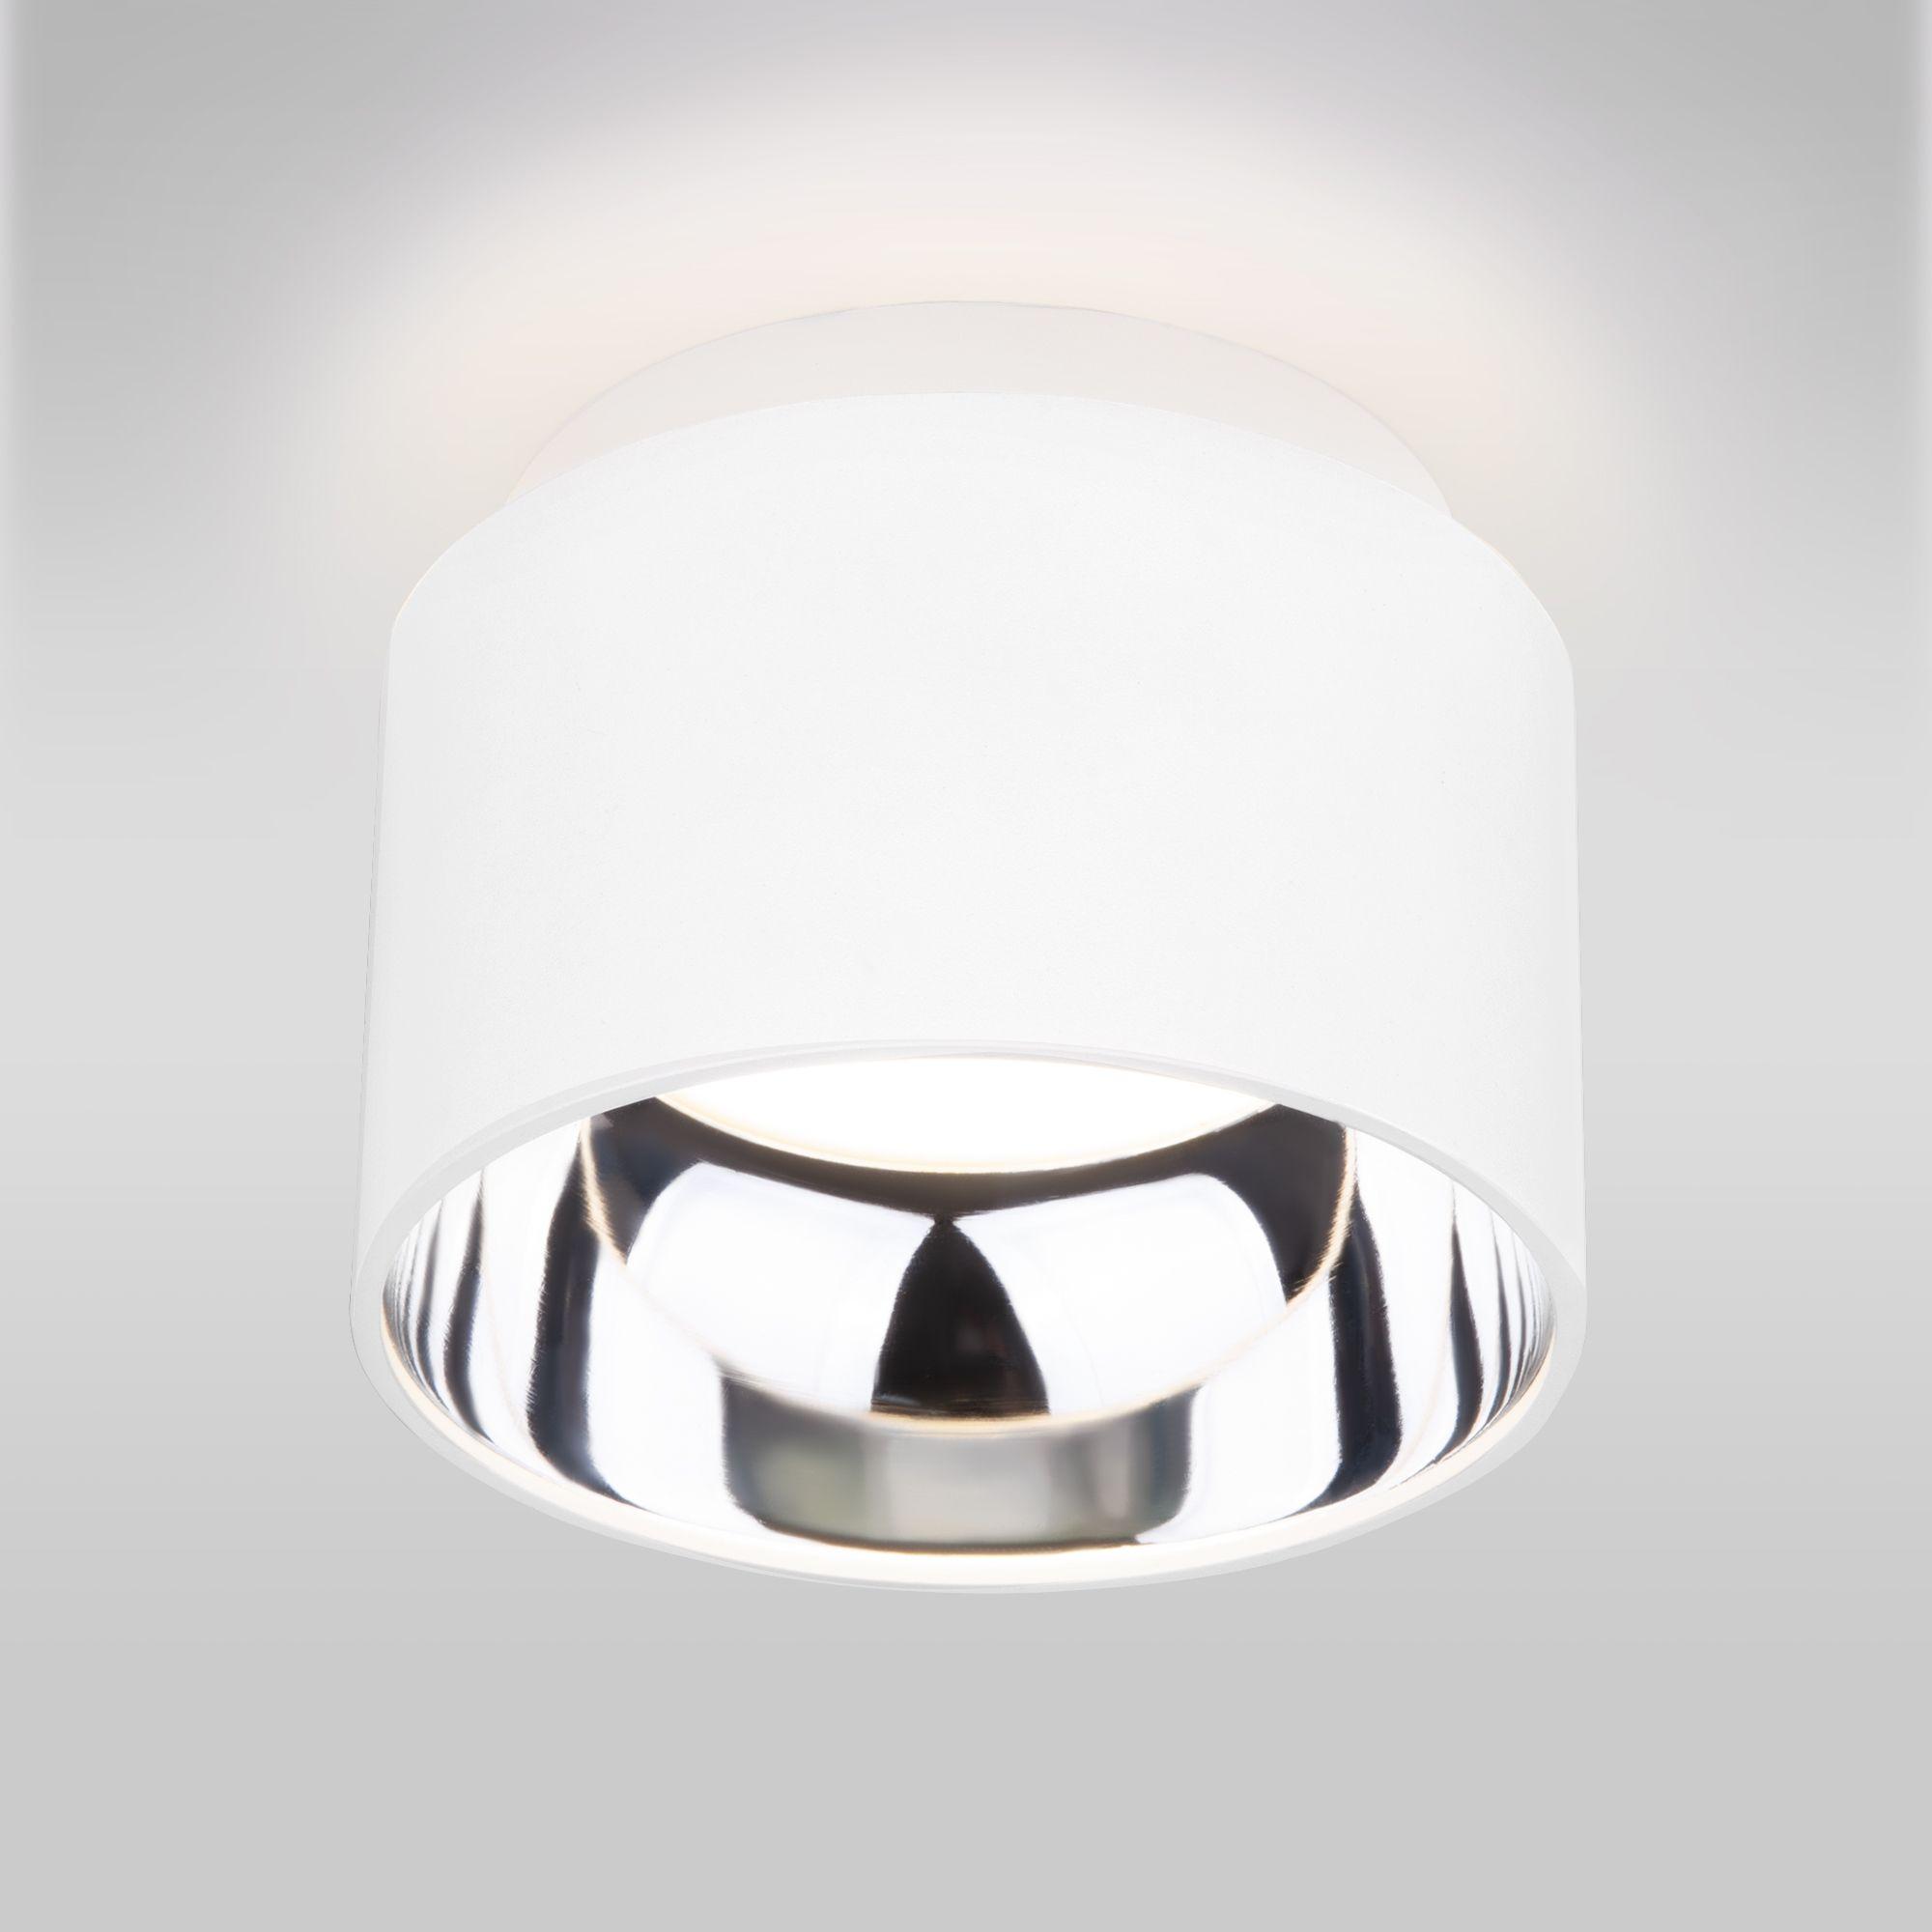 Накладной точечный светильник 1069 GX53 WH белый матовый